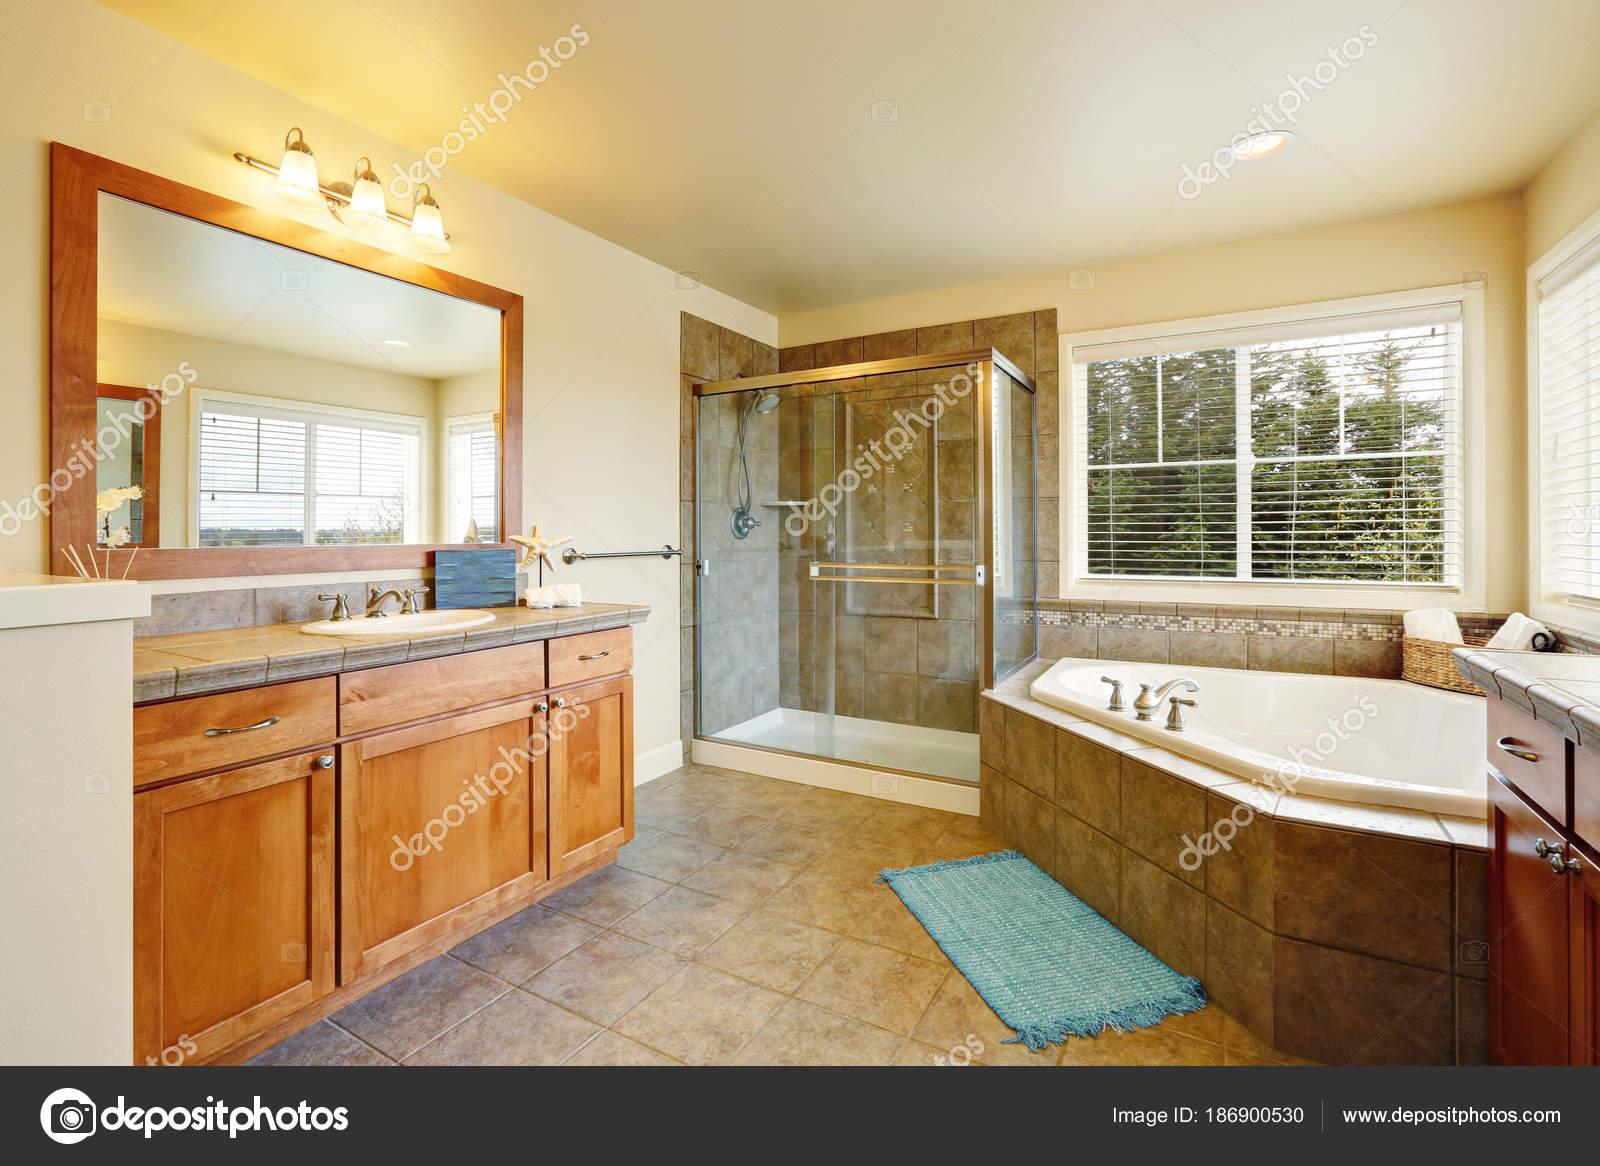 Wunderschöne Spa wie Badezimmer mit zwei Eitelkeitskabinette ...